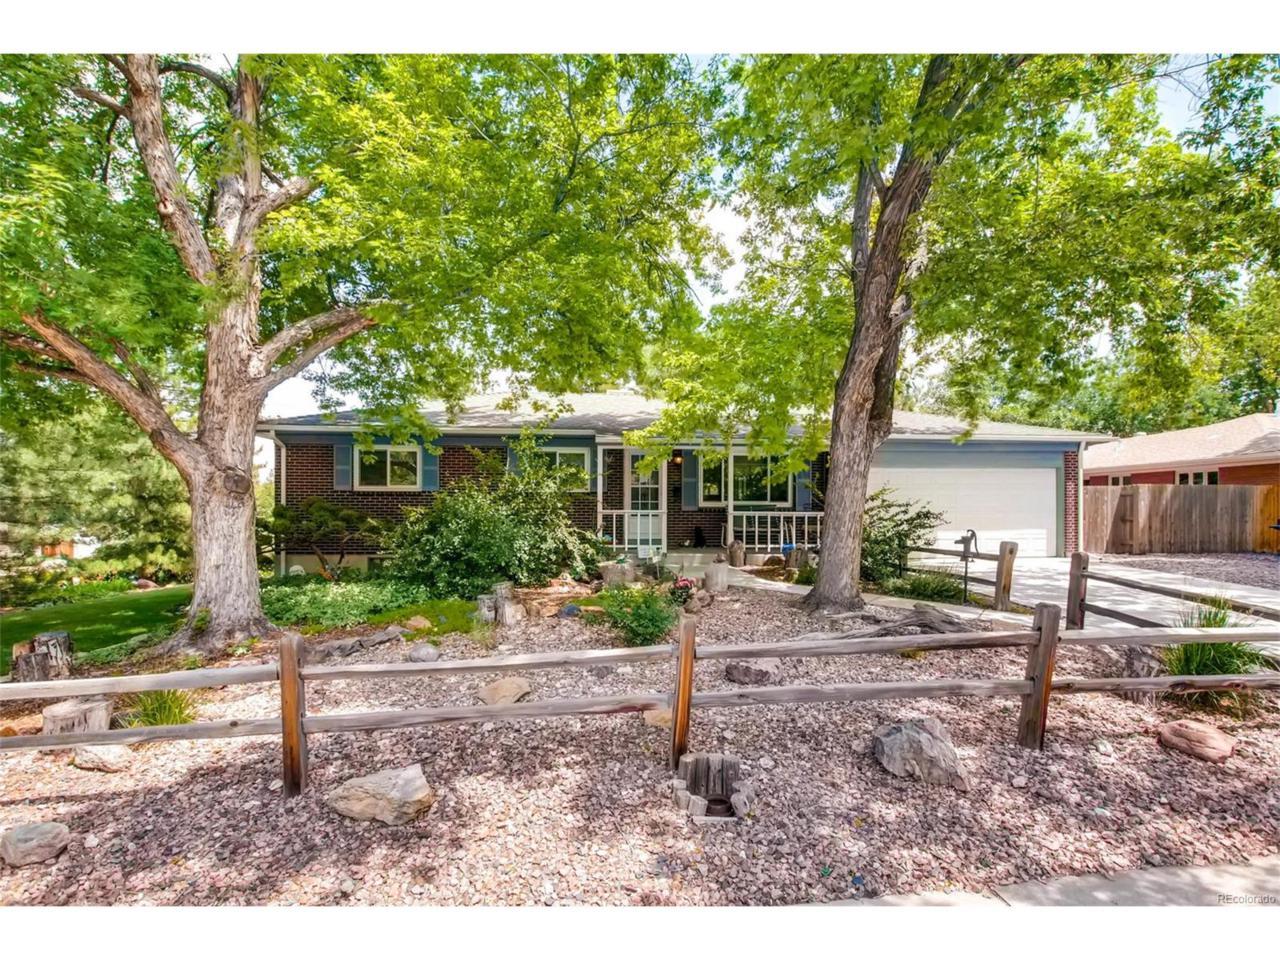 1796 S Urban Way, Lakewood, CO 80228 (MLS #3220195) :: 8z Real Estate